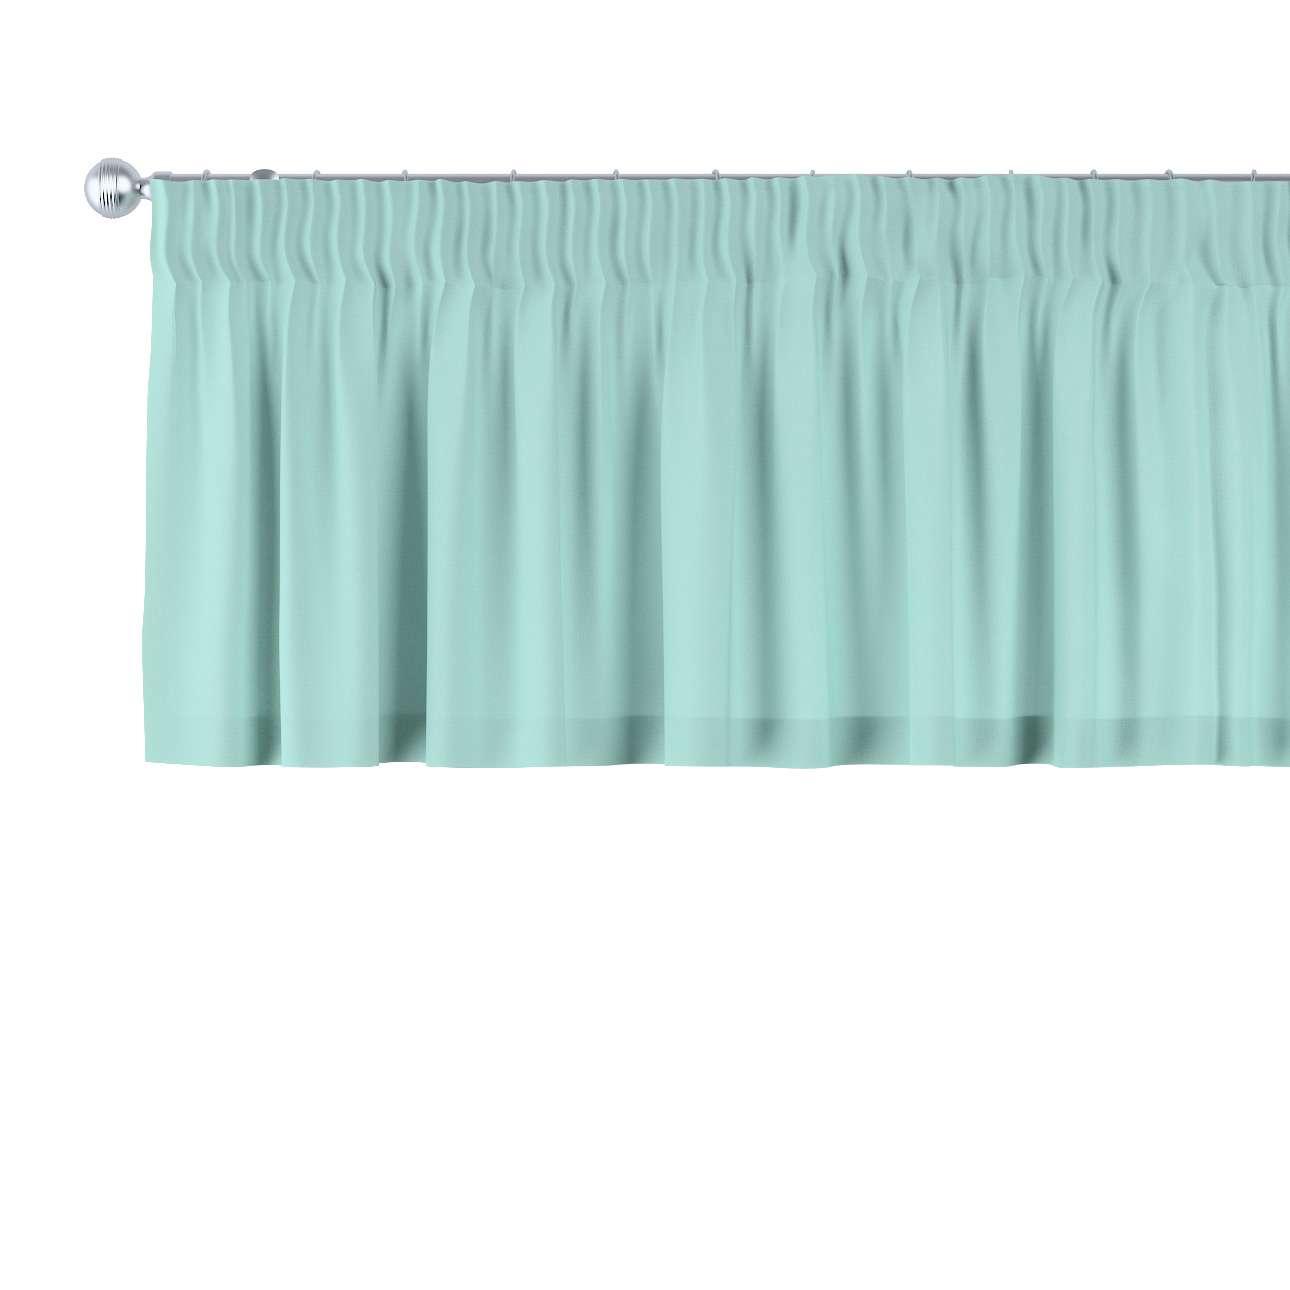 Krátky záves na riasiacej páske 130 x 40 cm V kolekcii Loneta, tkanina: 133-32